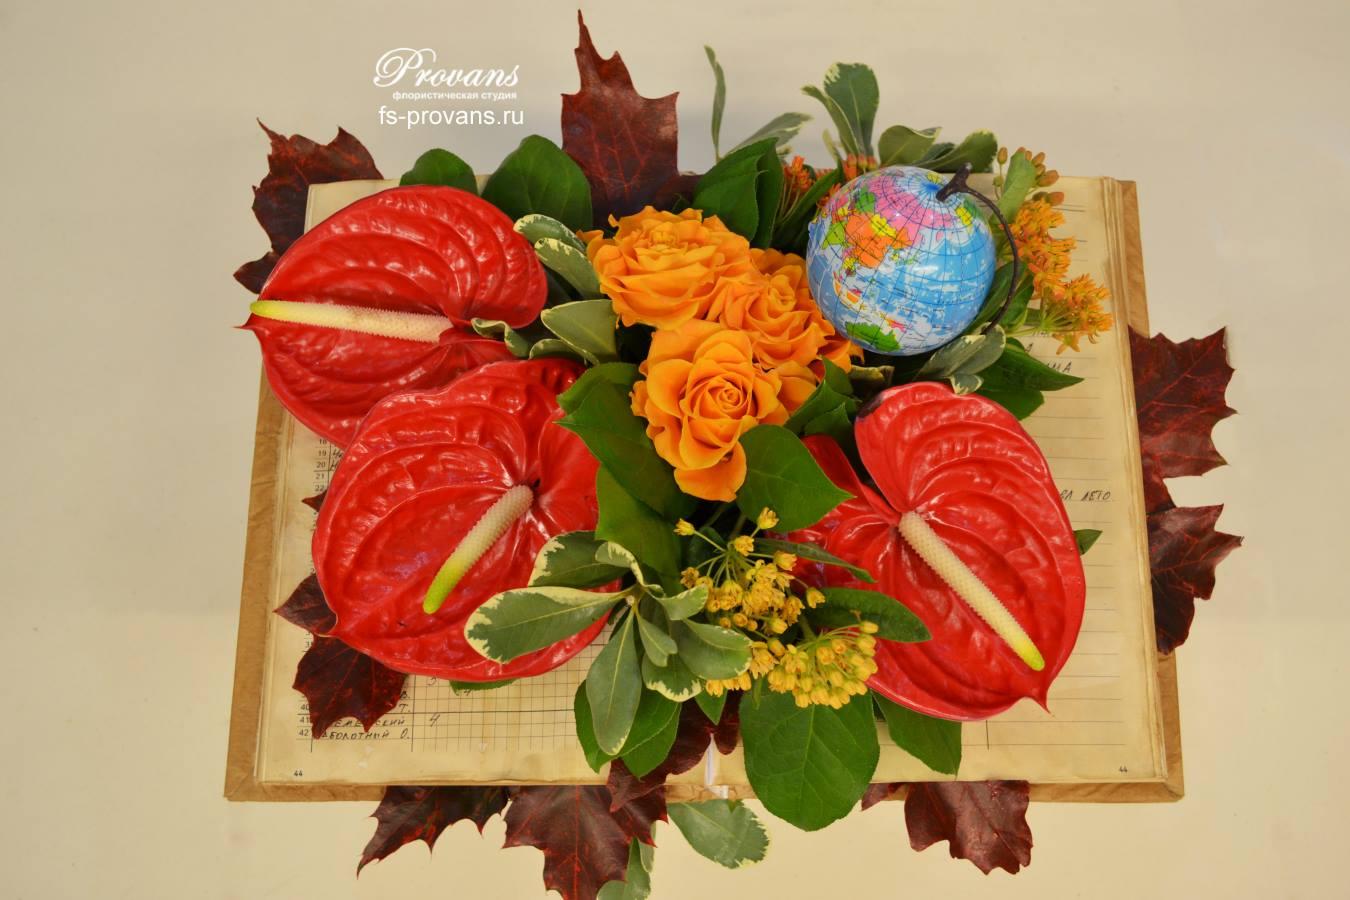 Букет на 1 сентября. Розы, антуриум, листья и декор